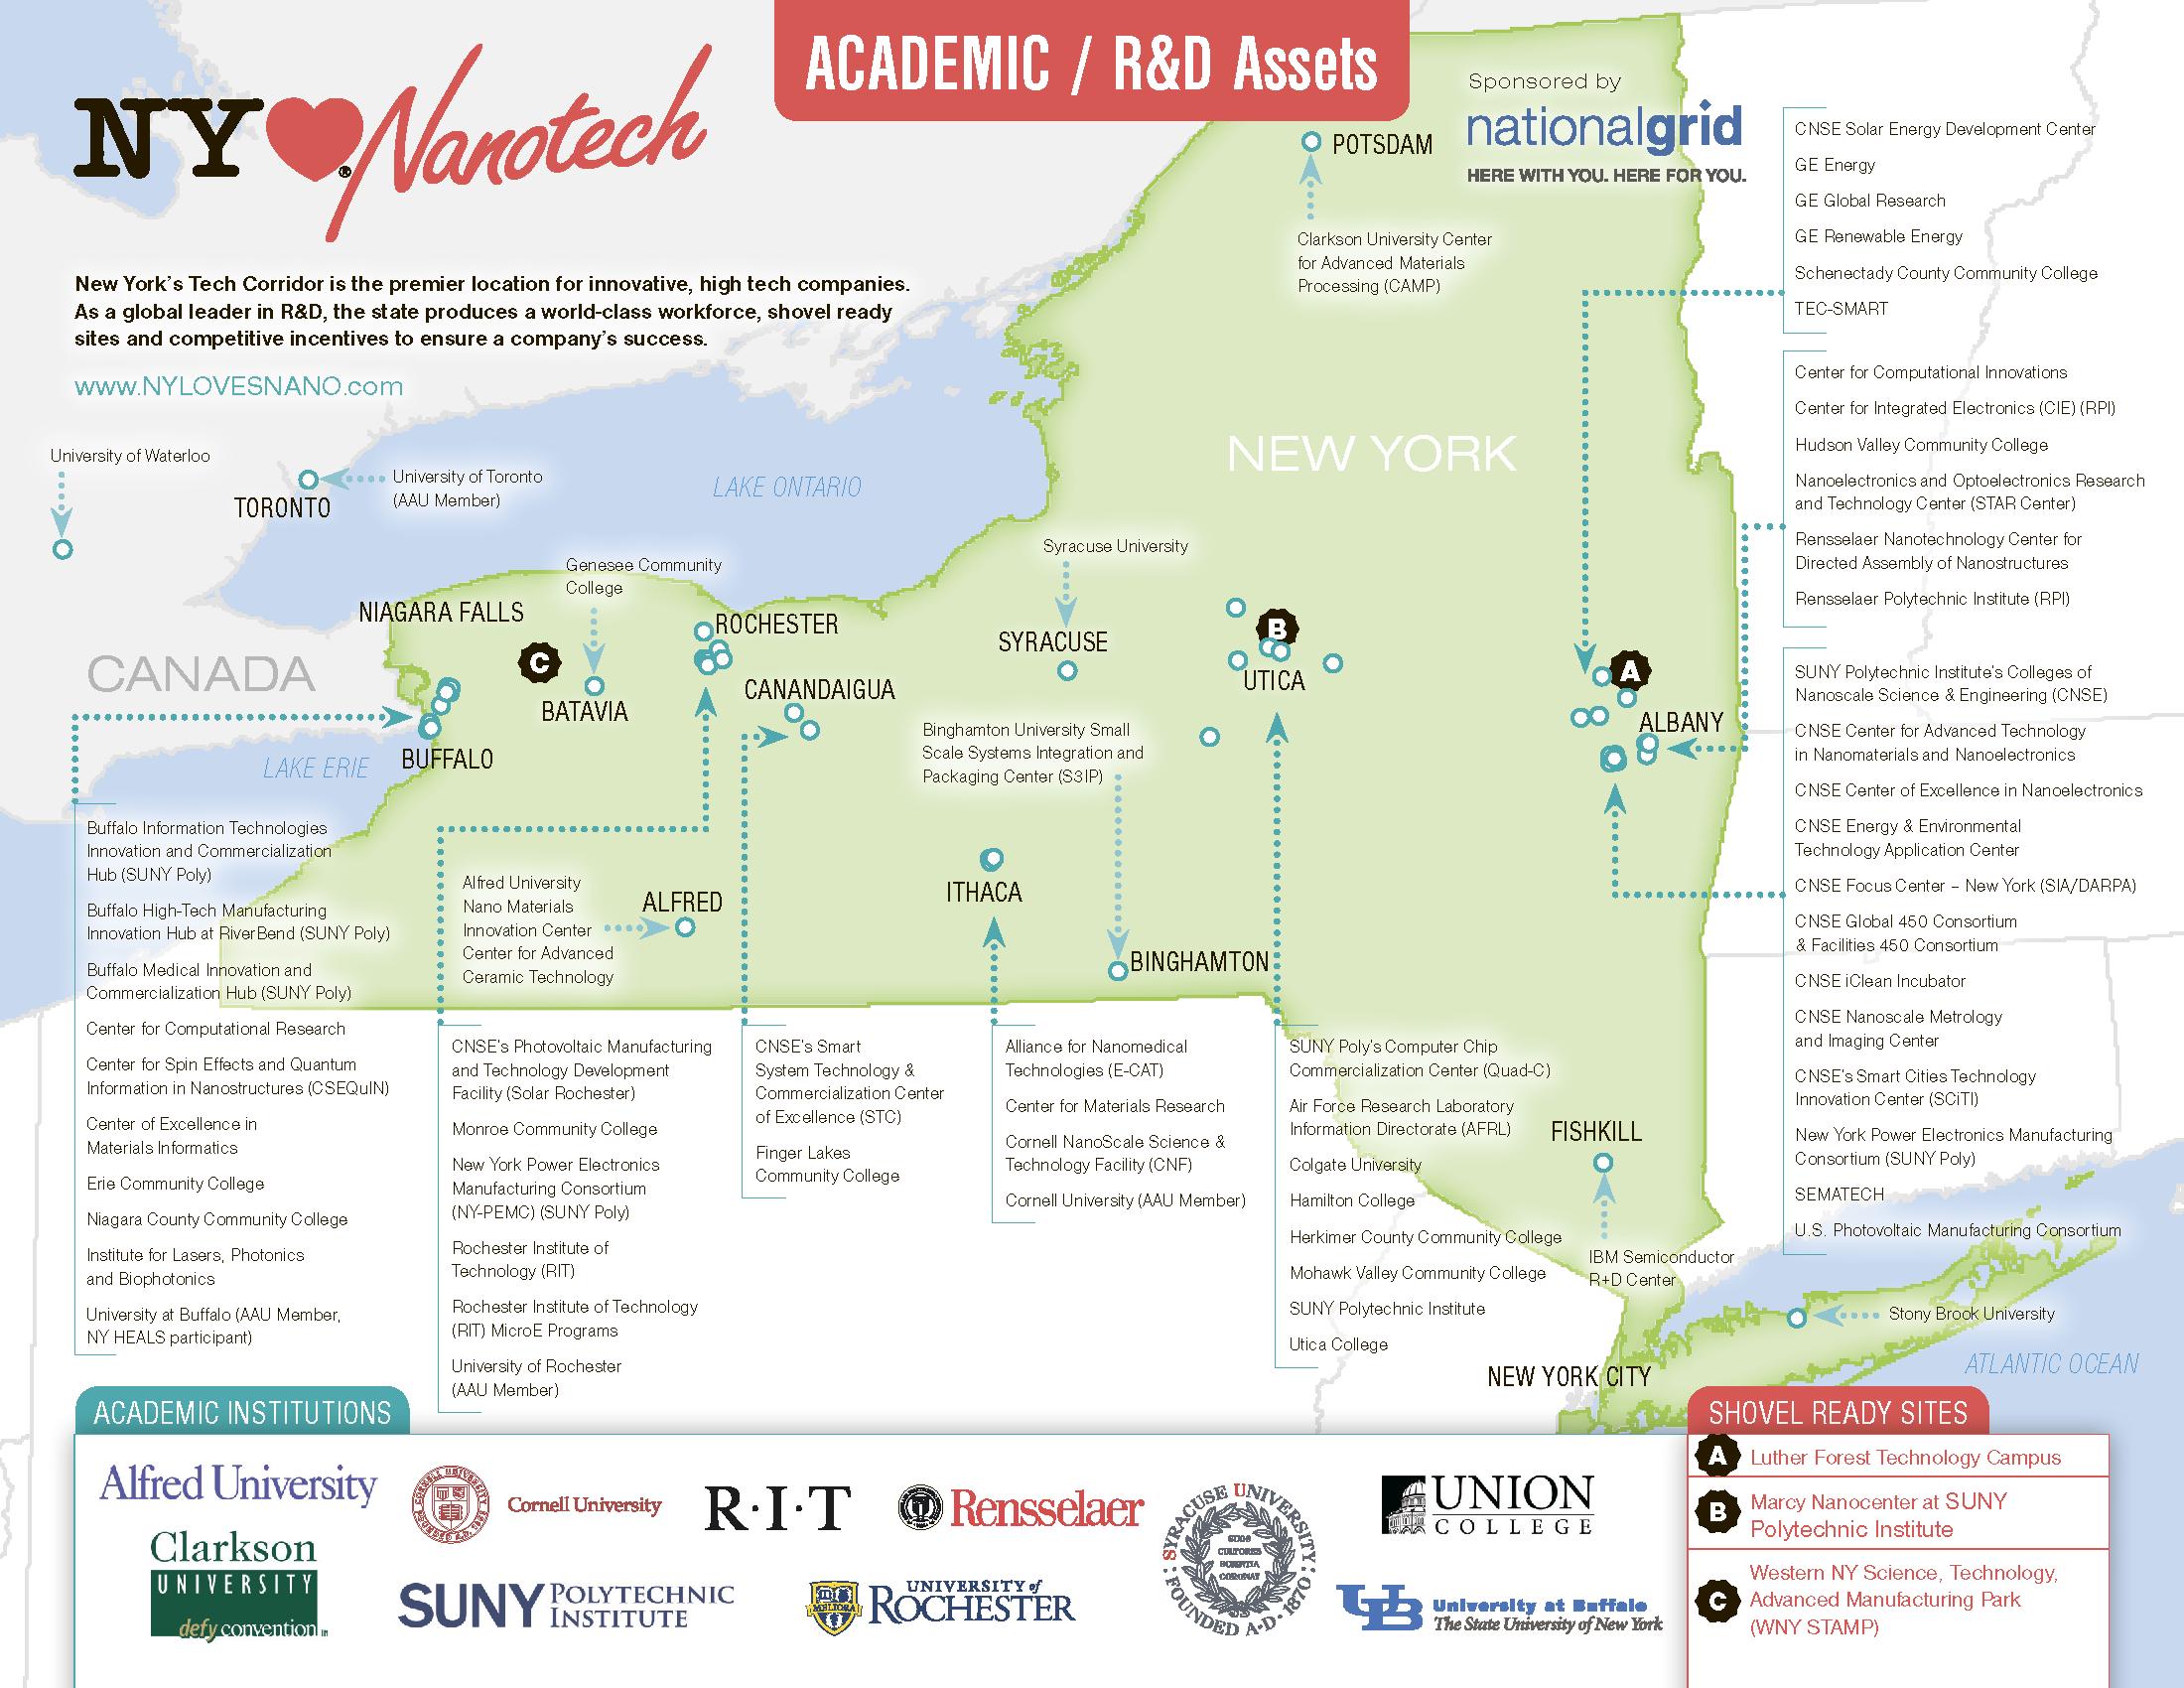 Нанотехнологии в штате Нью-Йорк: как университет SUNY и корпорации превратили штат в Кремниевую долину XXI века - 2